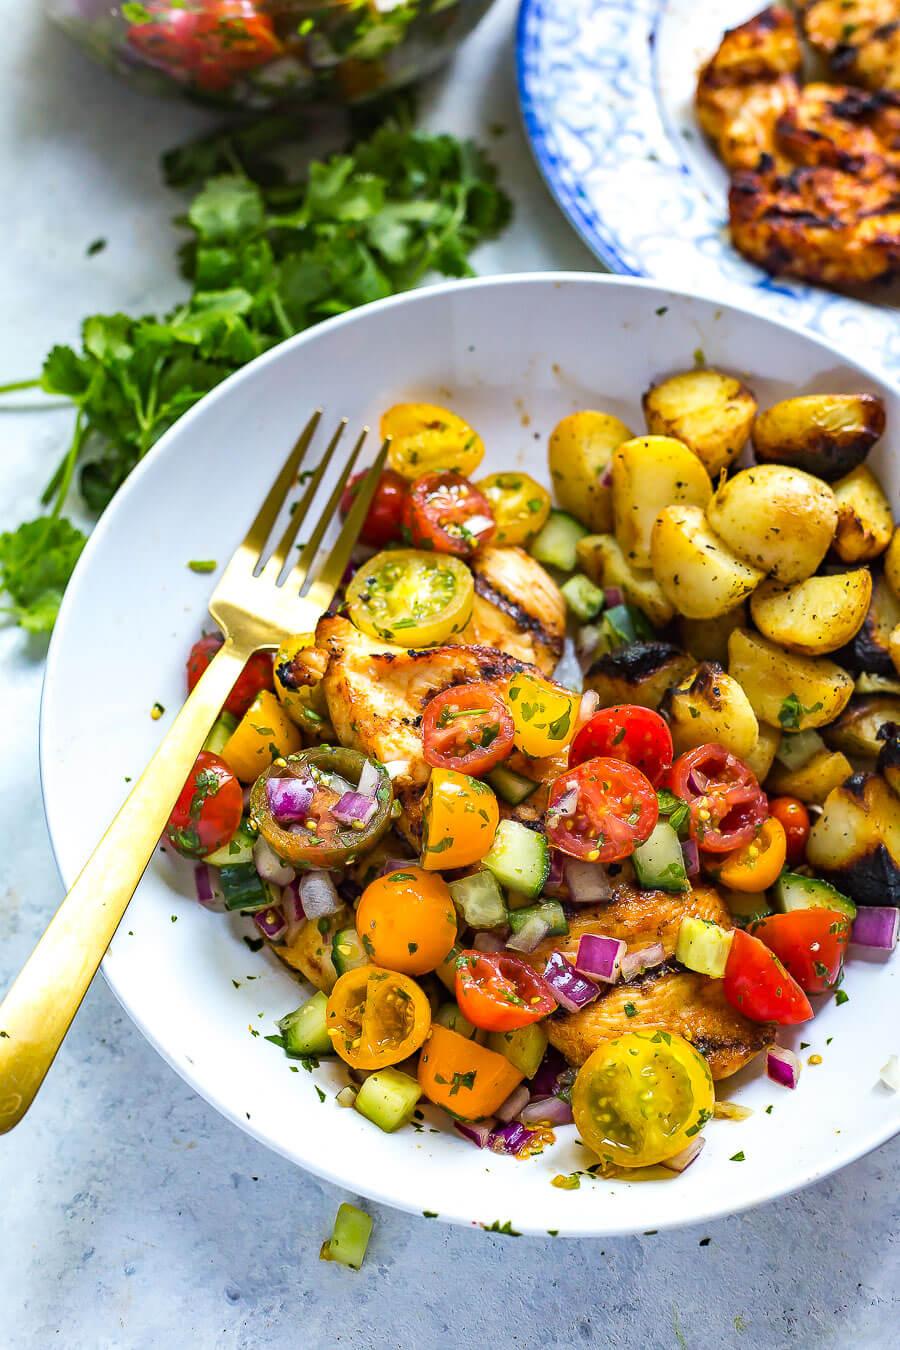 Grilled-Chicken-with-Cucumber-Salsa-4-2.jpg